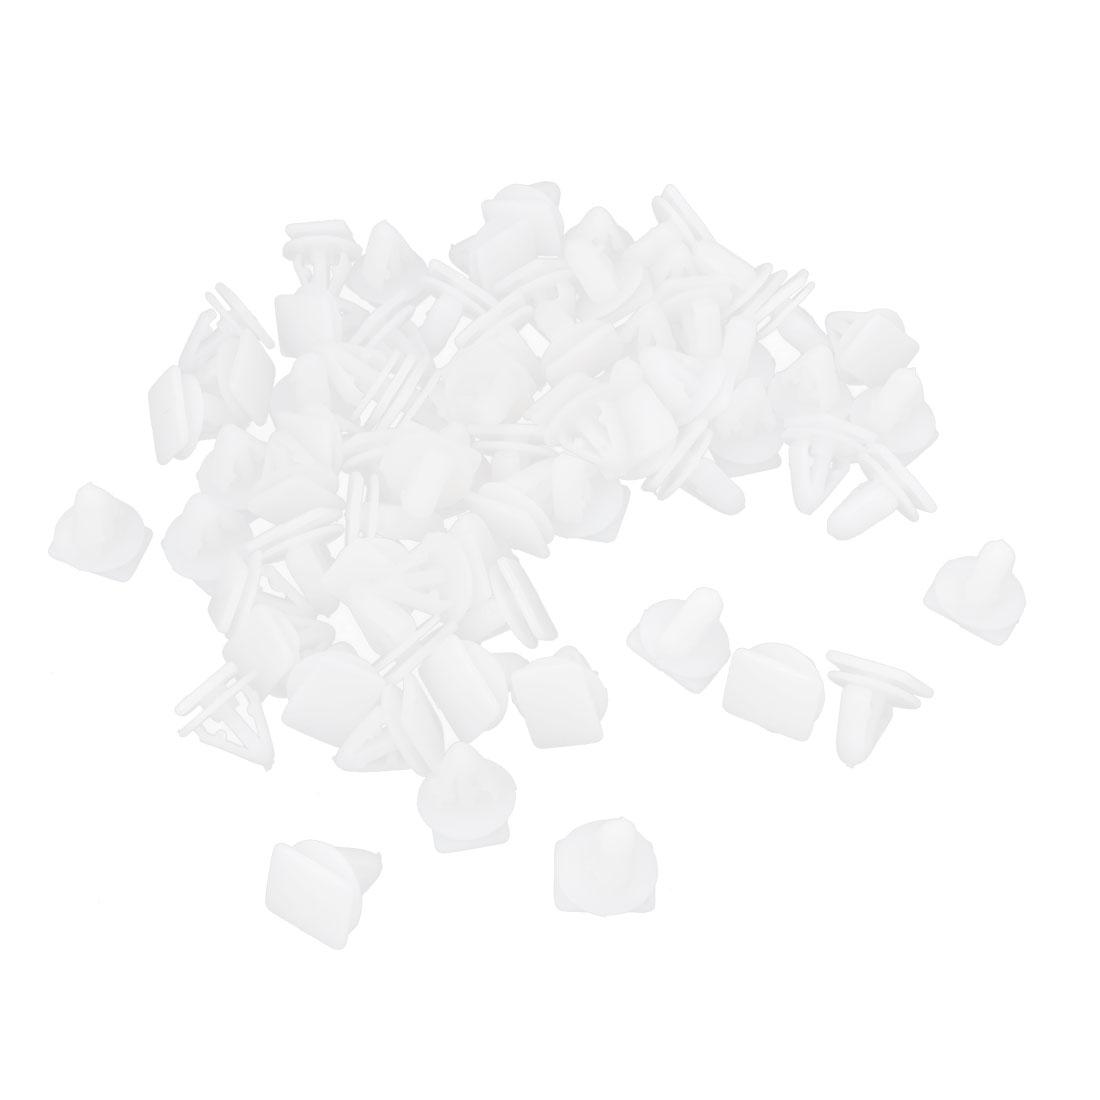 100pcs White Plastic 10mm Dia Hole Rivets Car Fastener Fender Push Bumper